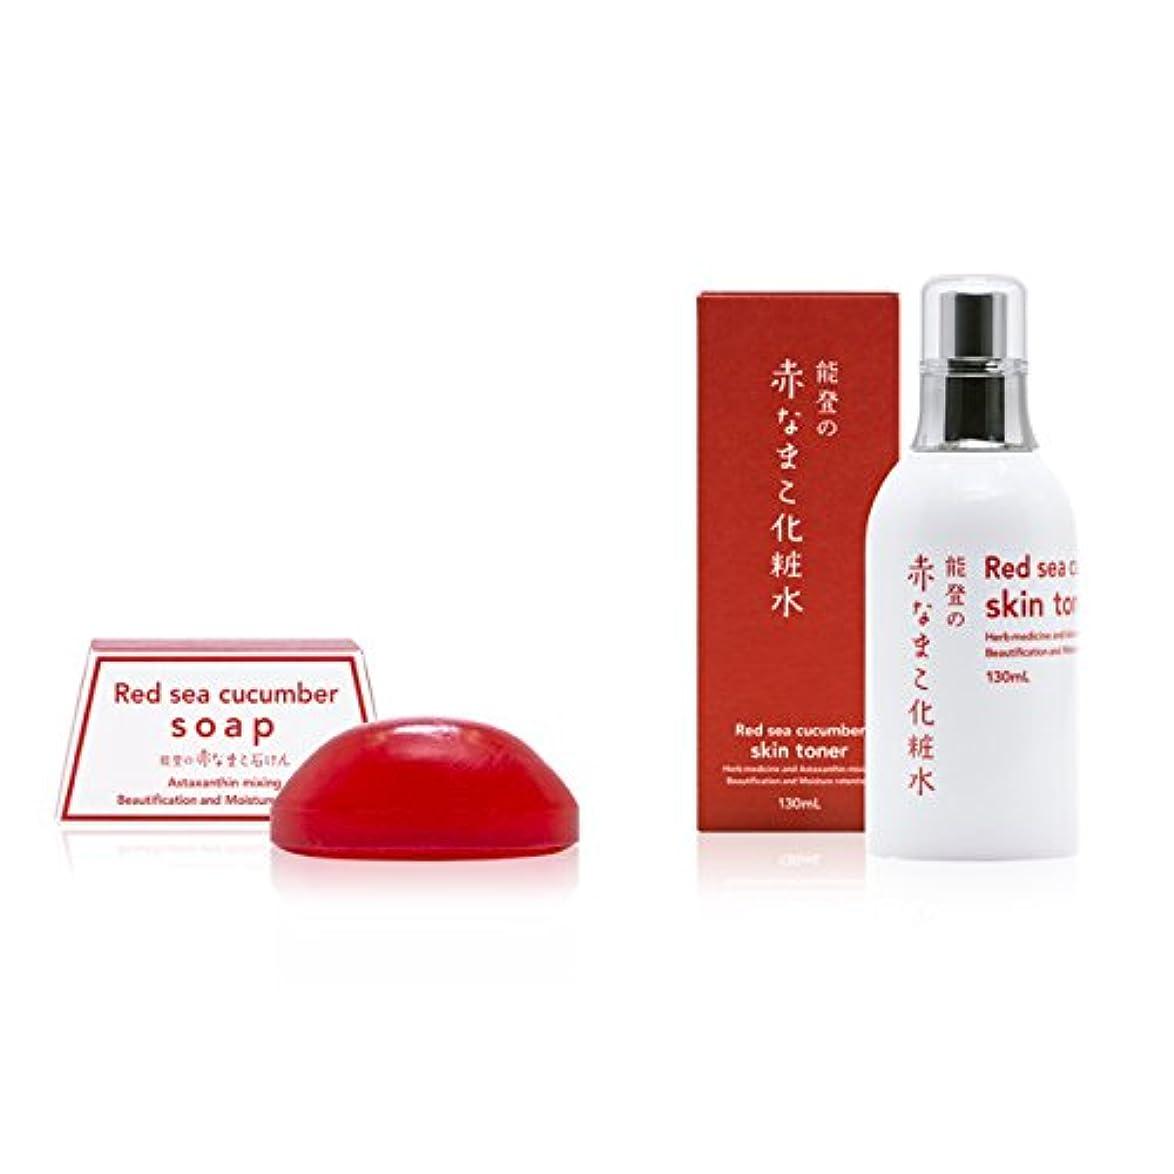 リファイン寝る発揮する能登の赤なまこ石けん&能登の赤なまこ化粧水セット